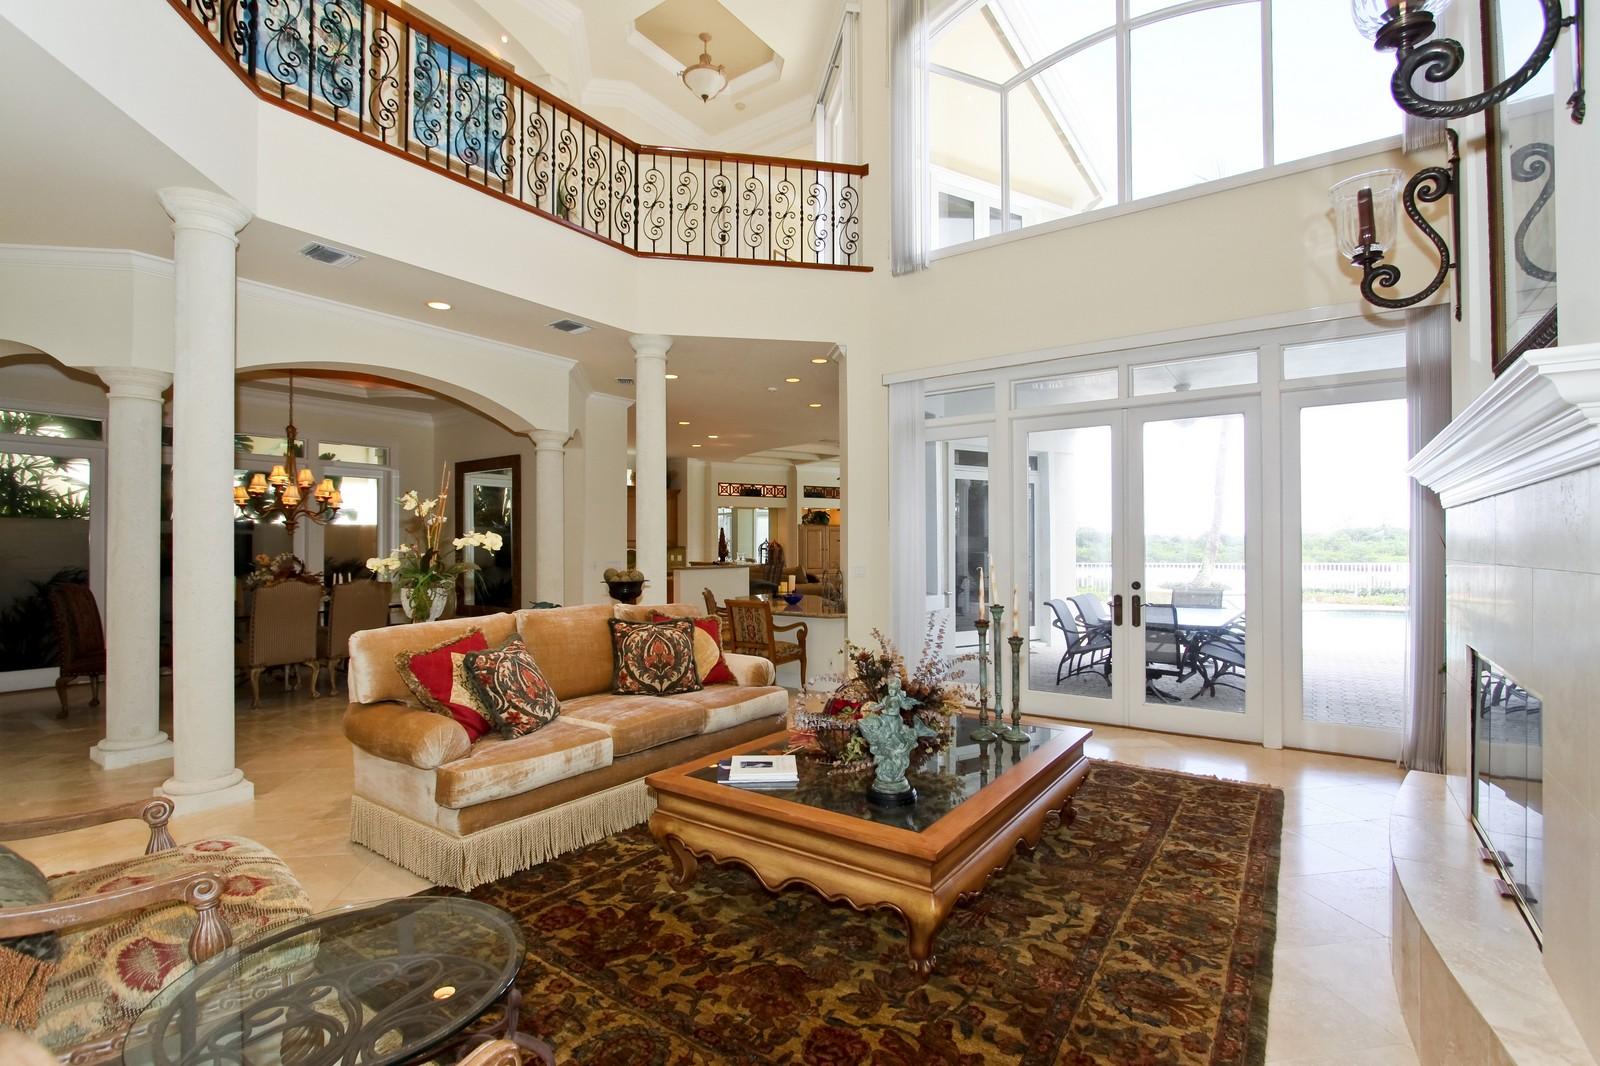 Real Estate Photography - 3527 Jonathans Harbour Dr, Jupiter, FL, 33477 - Living Room / Dining Room